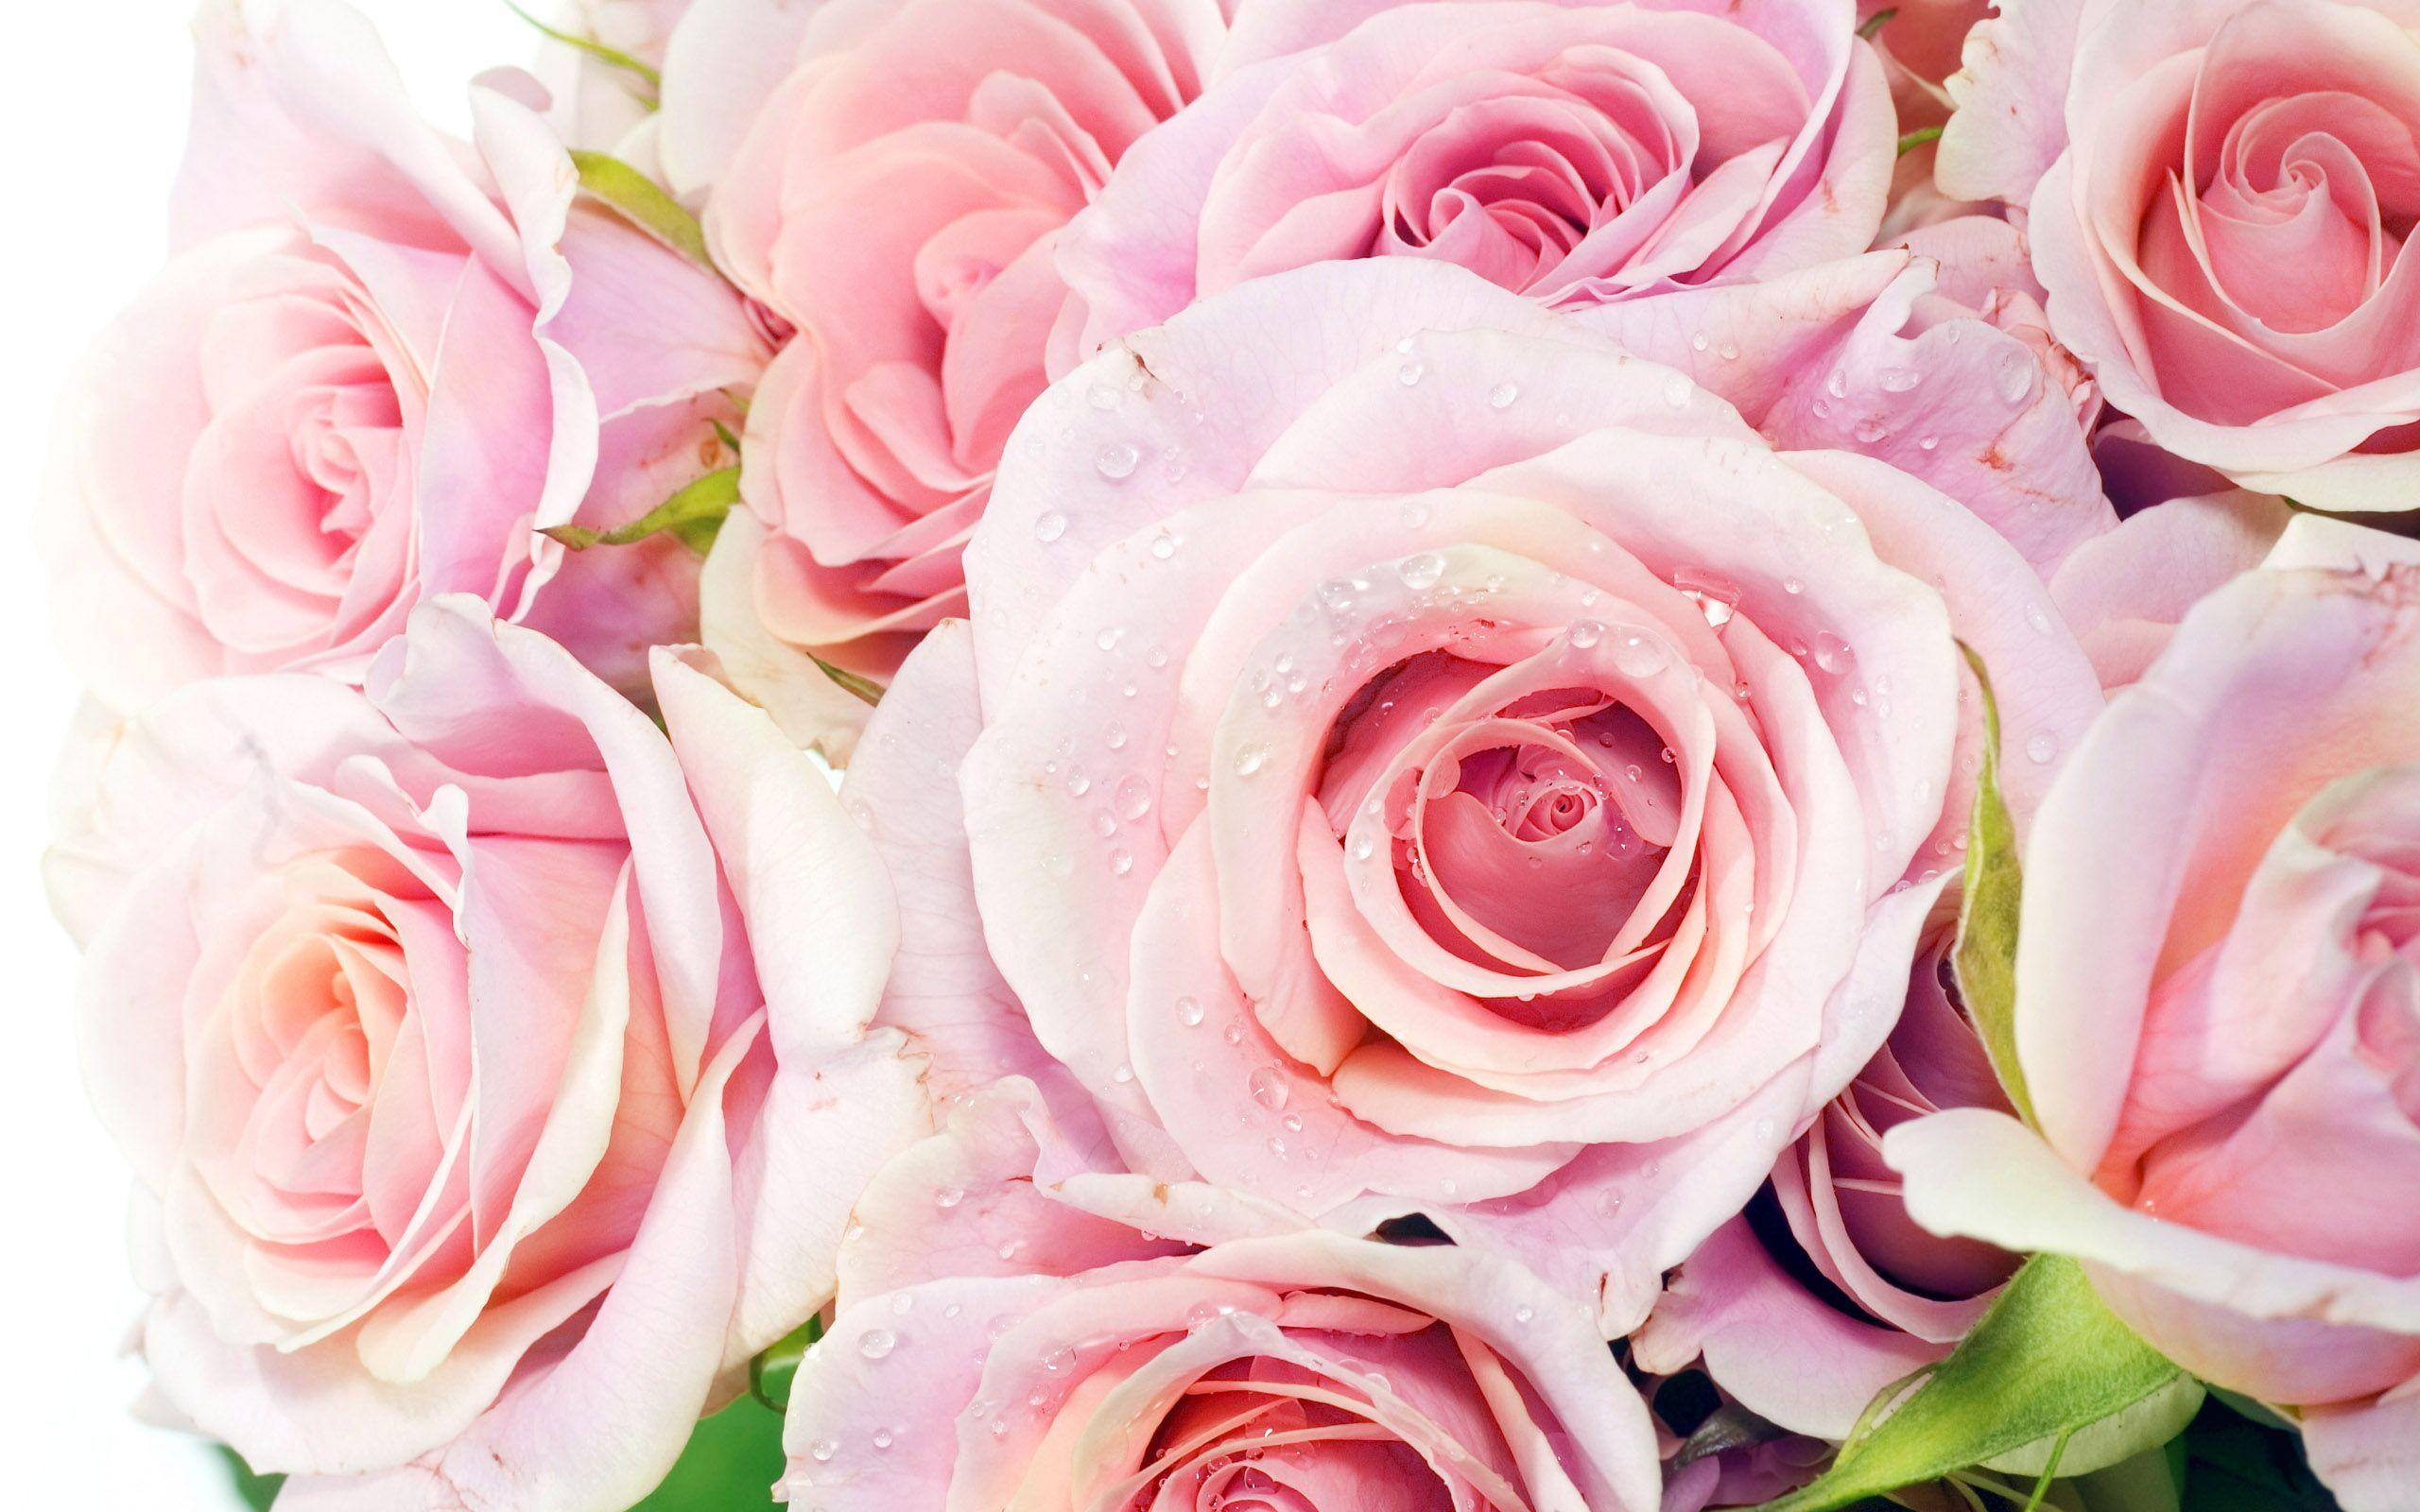 Картинка розовые розы во весь экран